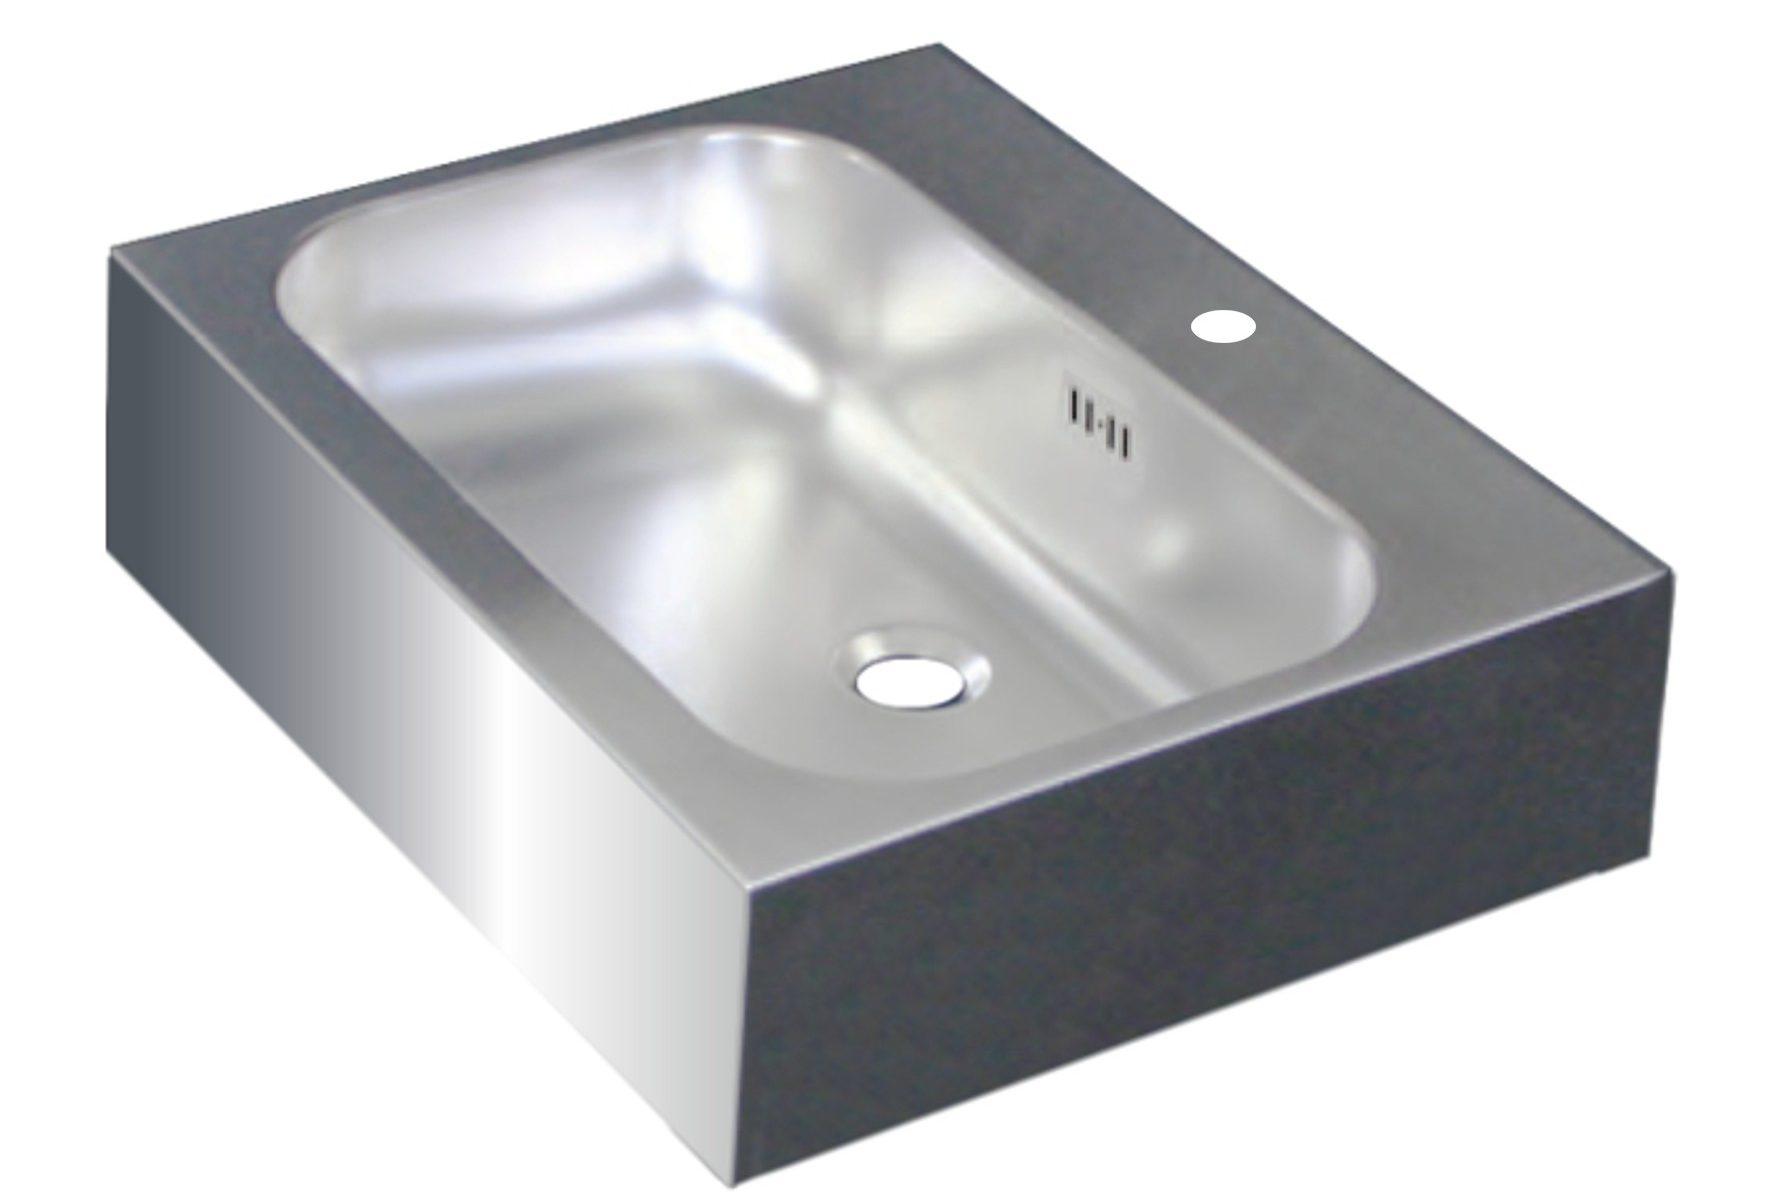 Edelstahl Waschtisch GEOMETRIK 55x44 mit Überlauf mit Hahnloch